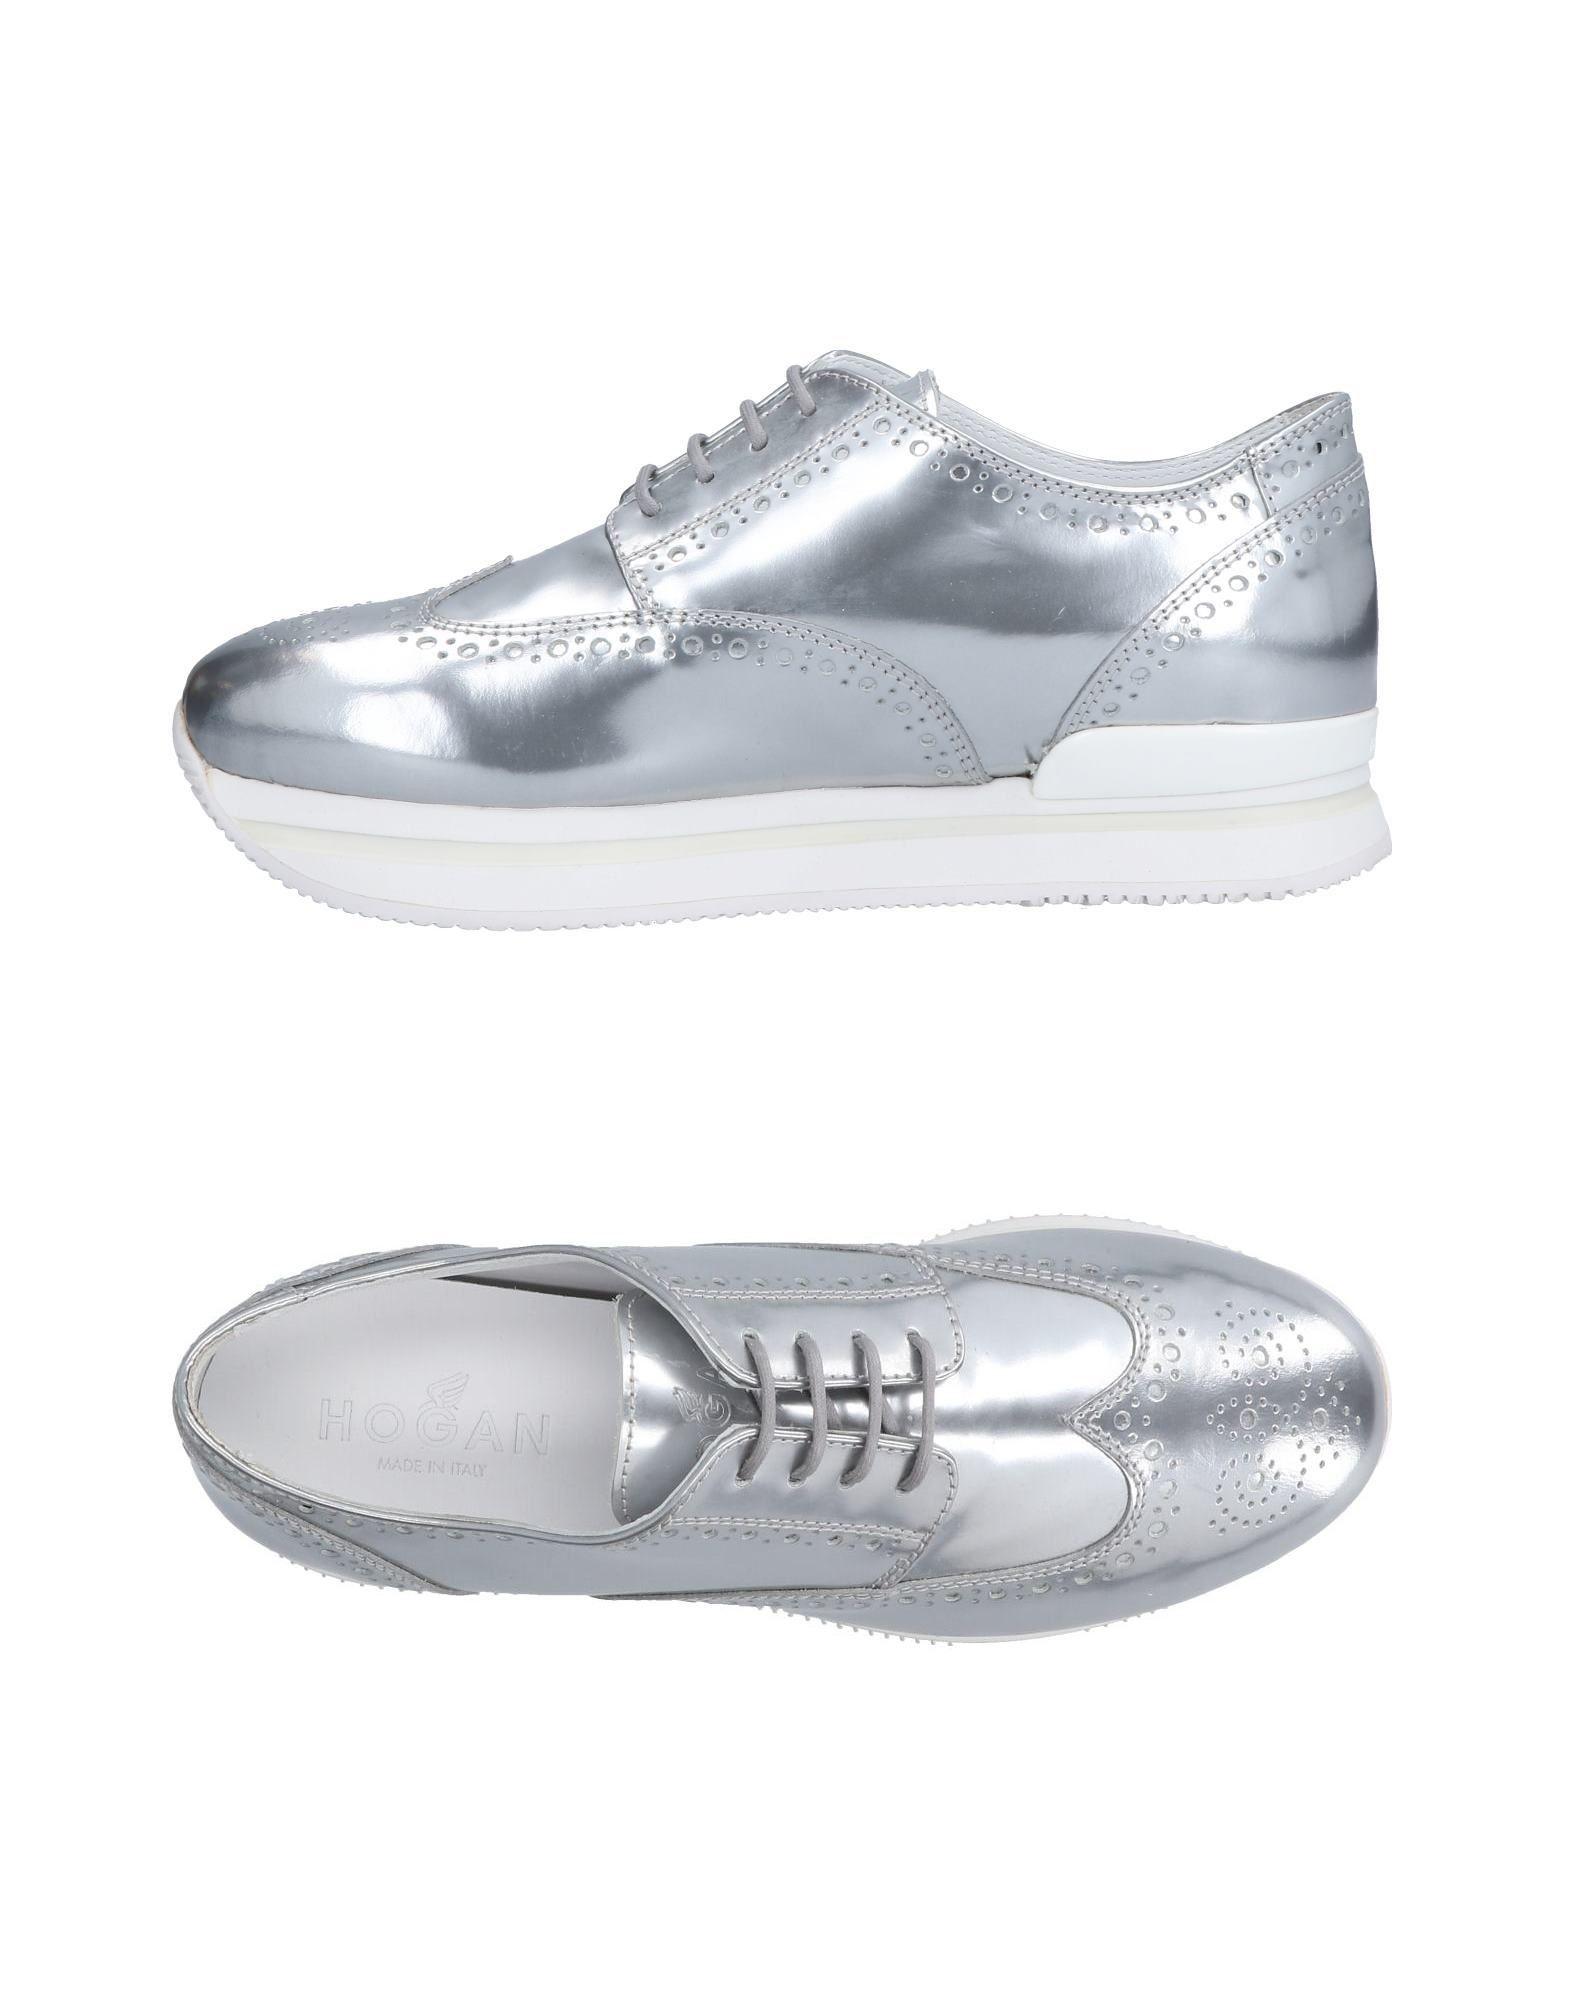 Hogan Schnürschuhe Damen  11484649DVGut aussehende strapazierfähige Schuhe